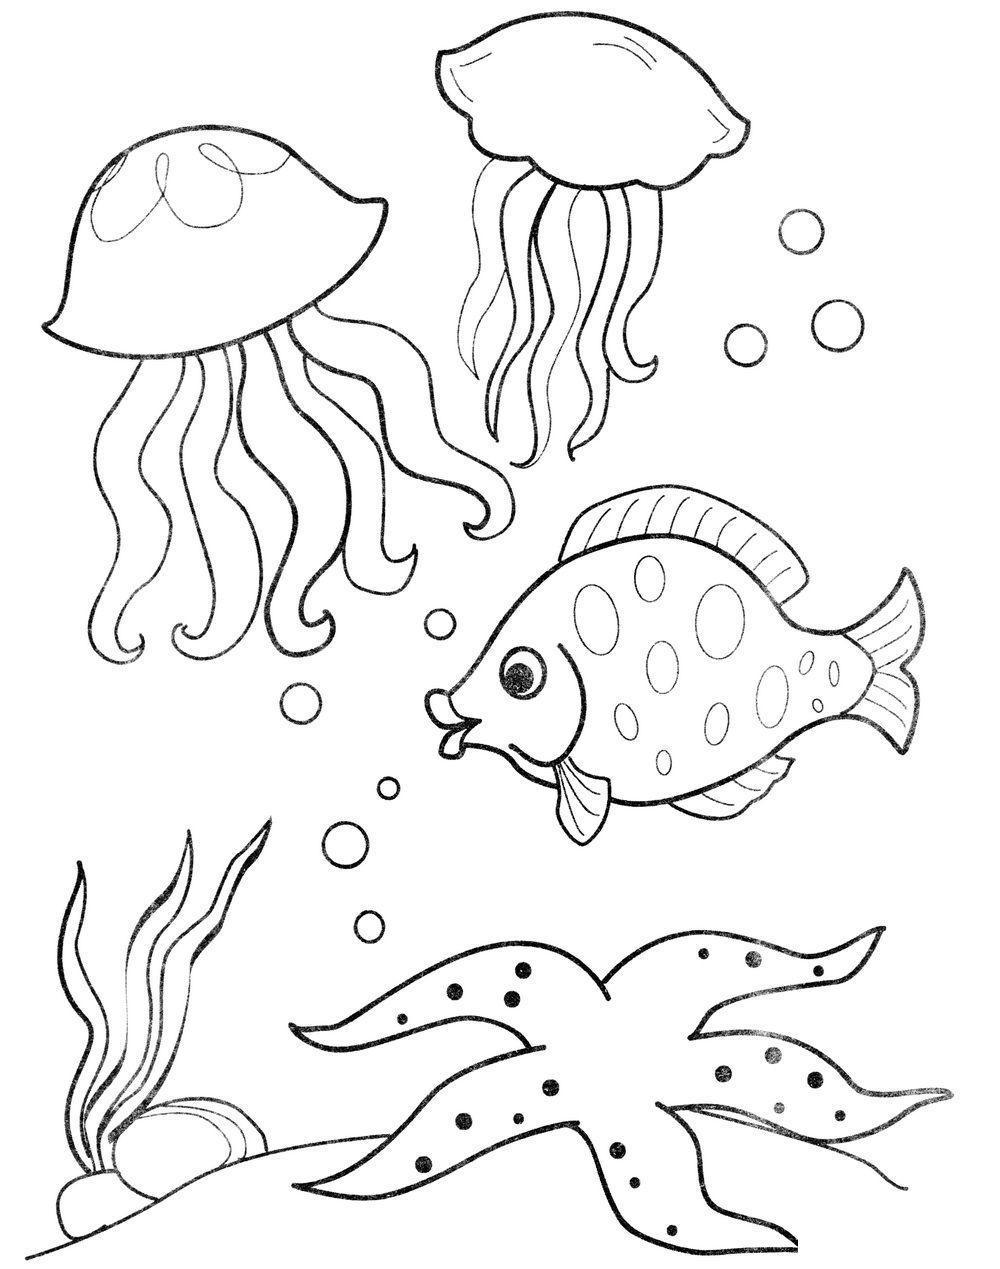 Раскраски подводный мир детская раскраска подводный мир,  рыбы,  медузы,  растения